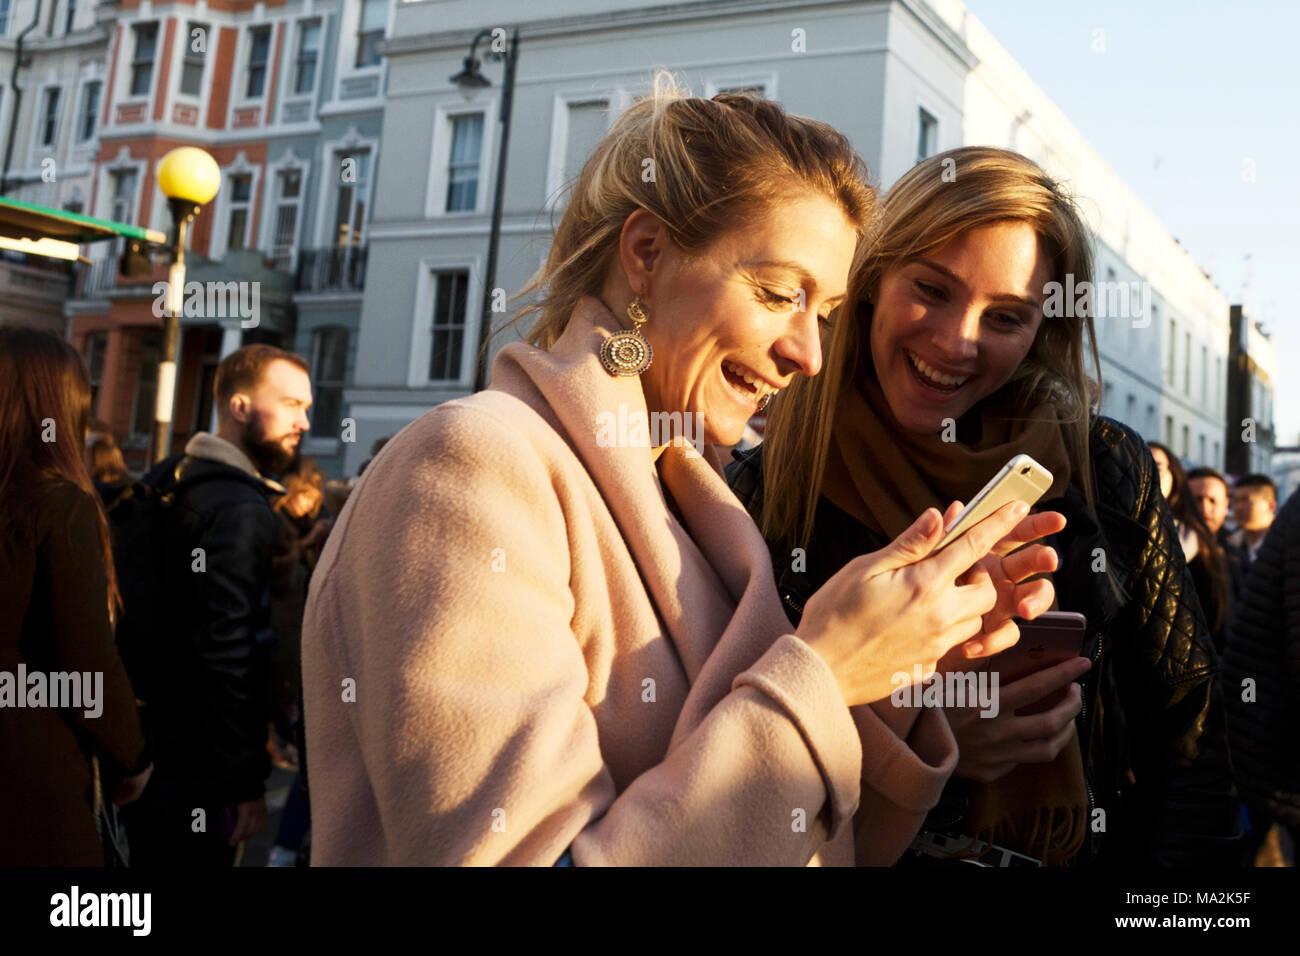 Les jeunes adultes femelles smiling avec émotion, looking at mobile phone téléphone intelligent. La communication. La génération y exprimer ses émotions. Les amis et la famille. Photo Stock